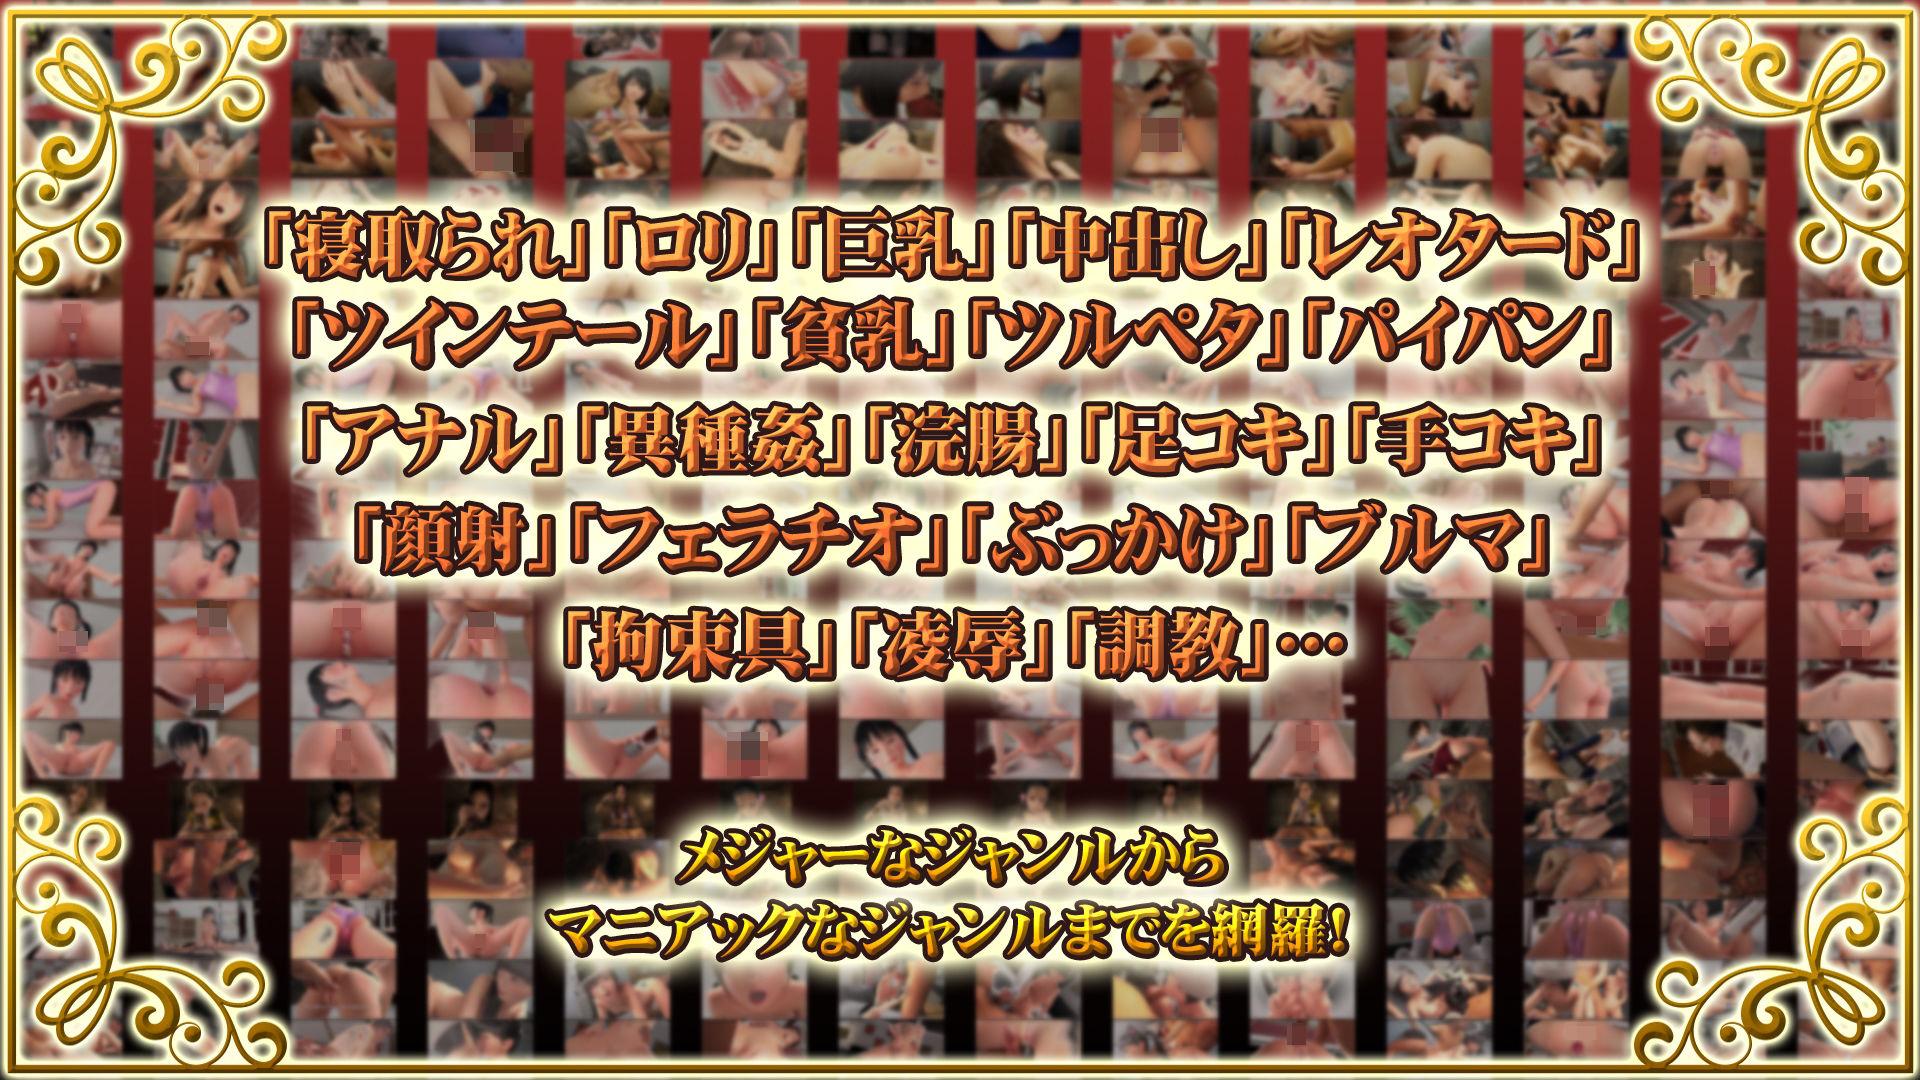 【3DCG】アトリエこぶ全作品集 同人活動13年分をまとめた3Dエロアニメ!#3